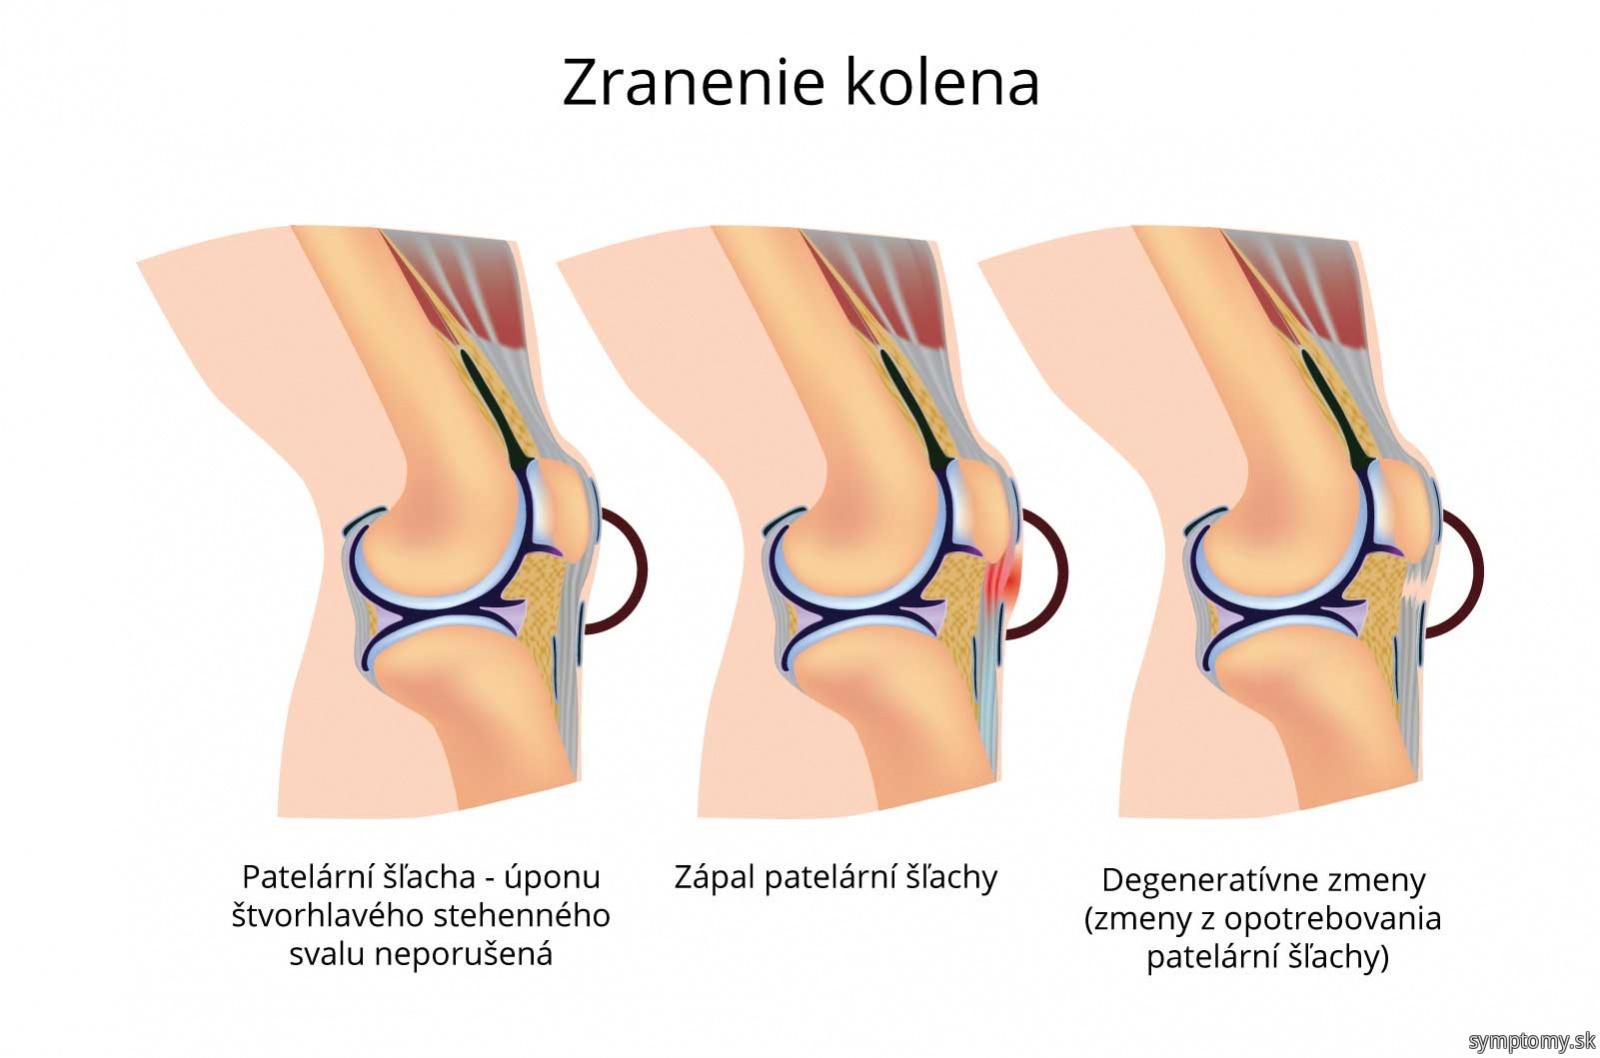 Zranenie kolena